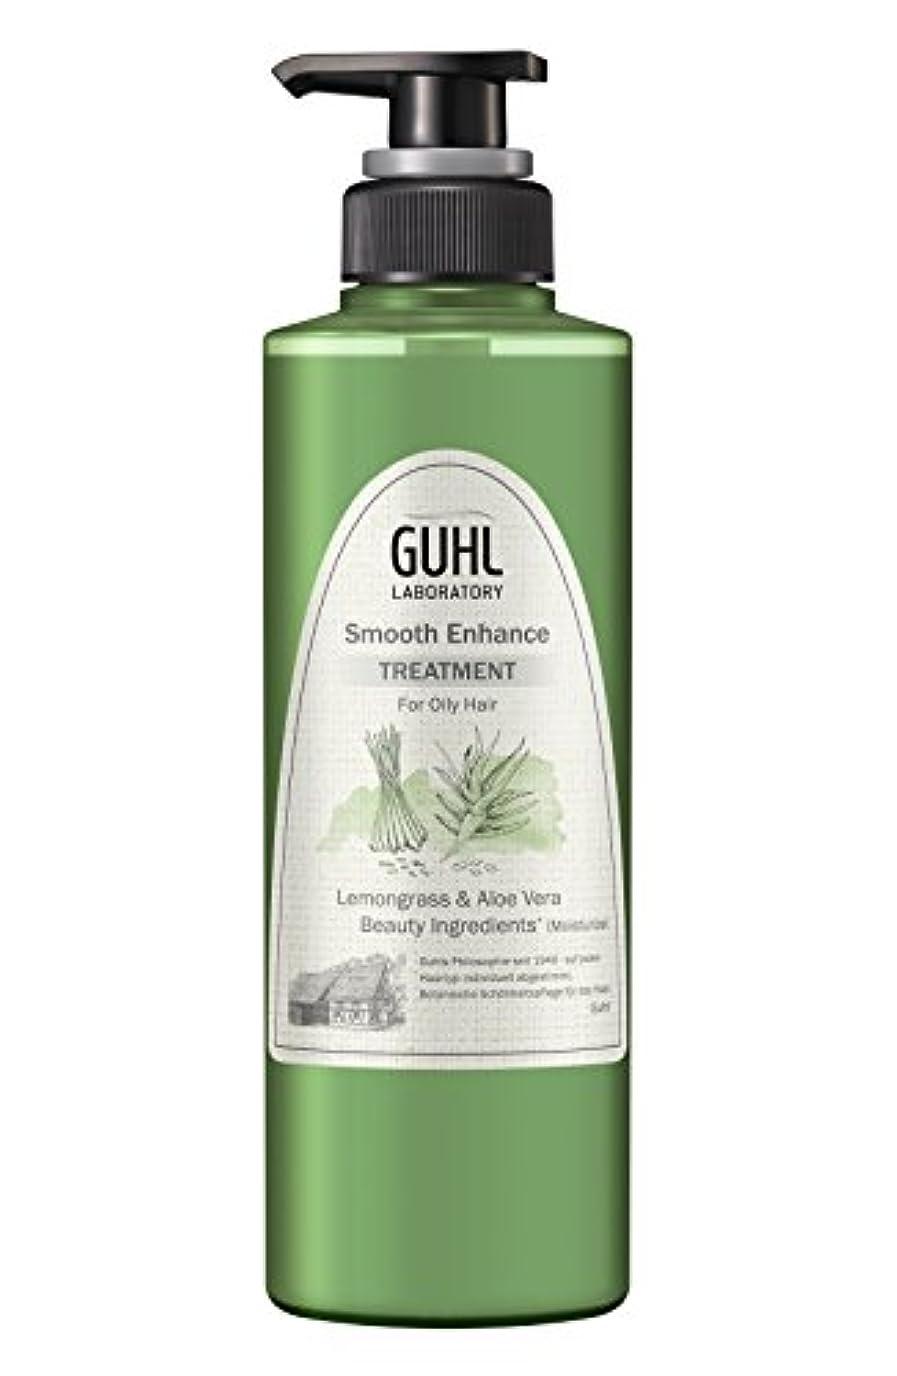 割り当てますパキスタン人フォローグール ラボラトリー トリートメント (ベタつきがちな髪に) 植物美容 ヘアケア スムースエンハンス 430ml